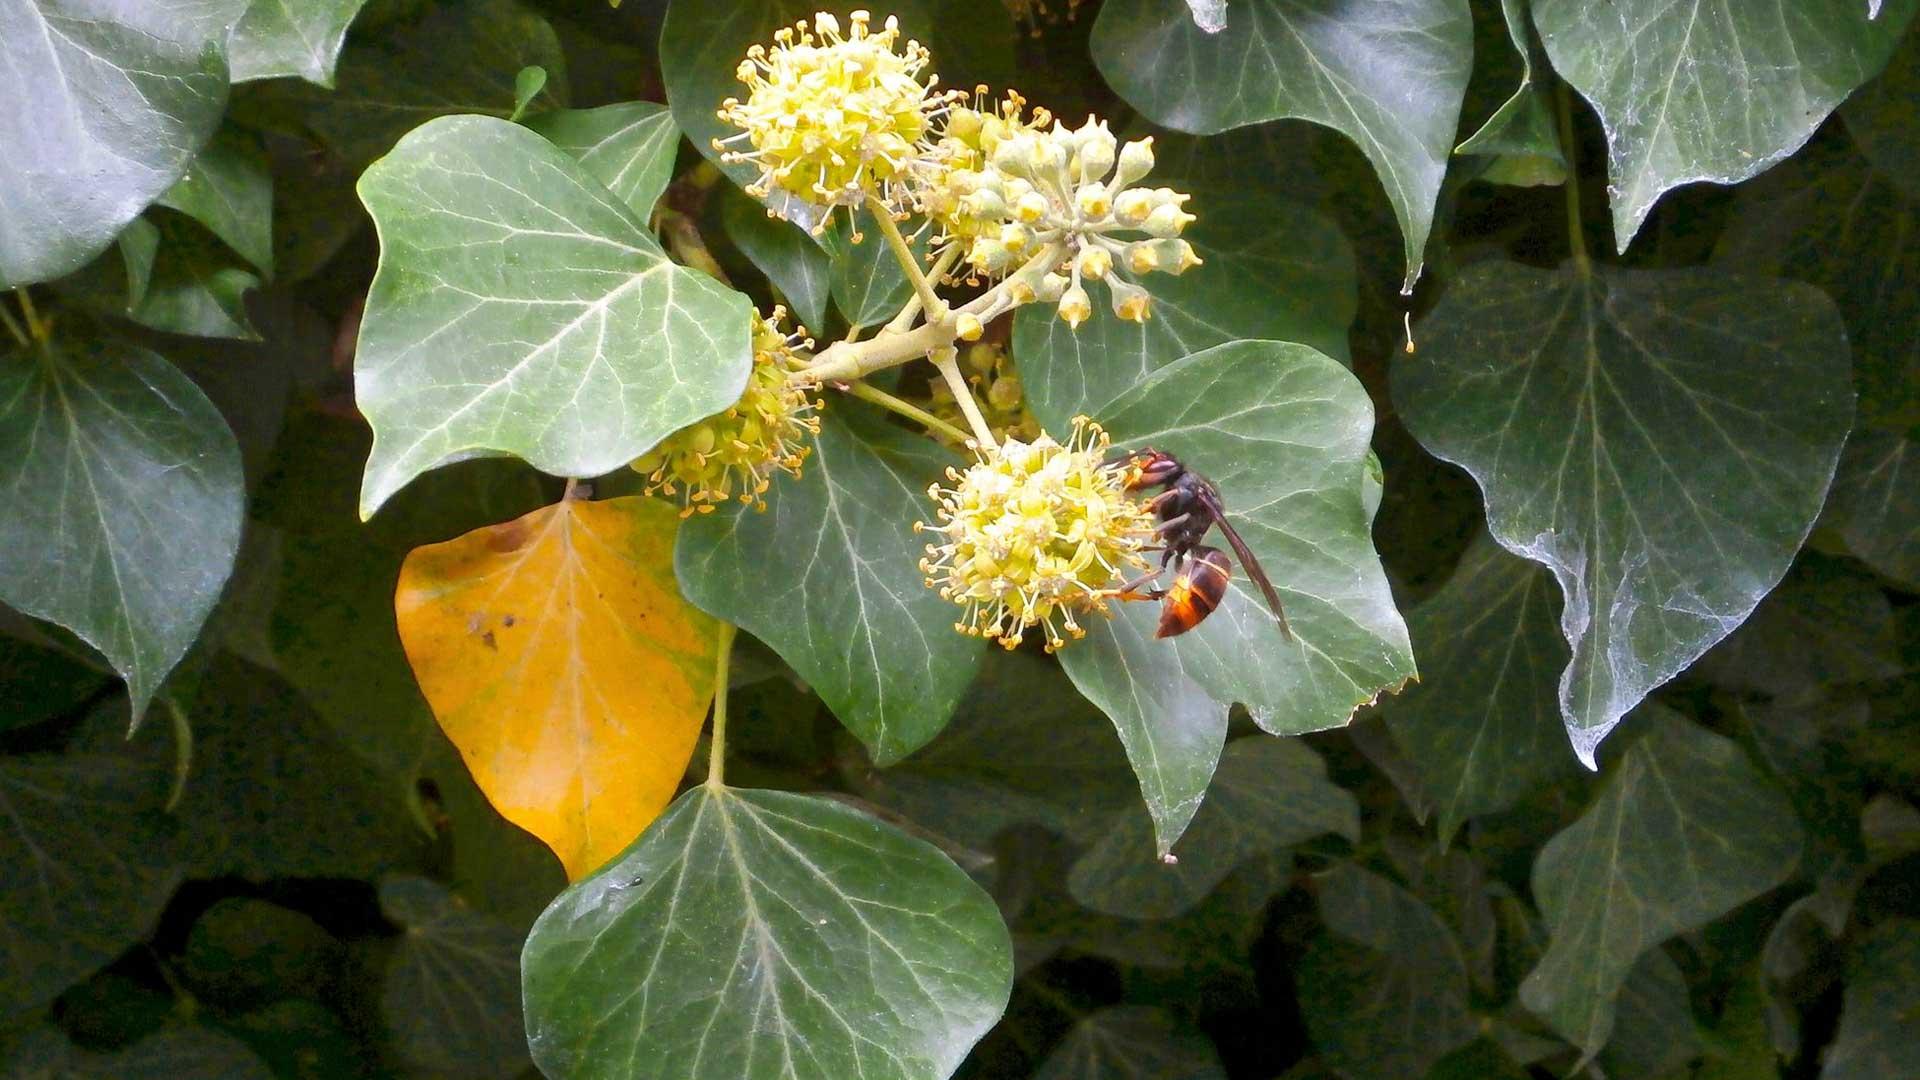 Aasianherhiläinen on syynissä. Lajia koetetaan kontrolloida tuhoamalla sen pesiä, mistä niitä vain löydetään.